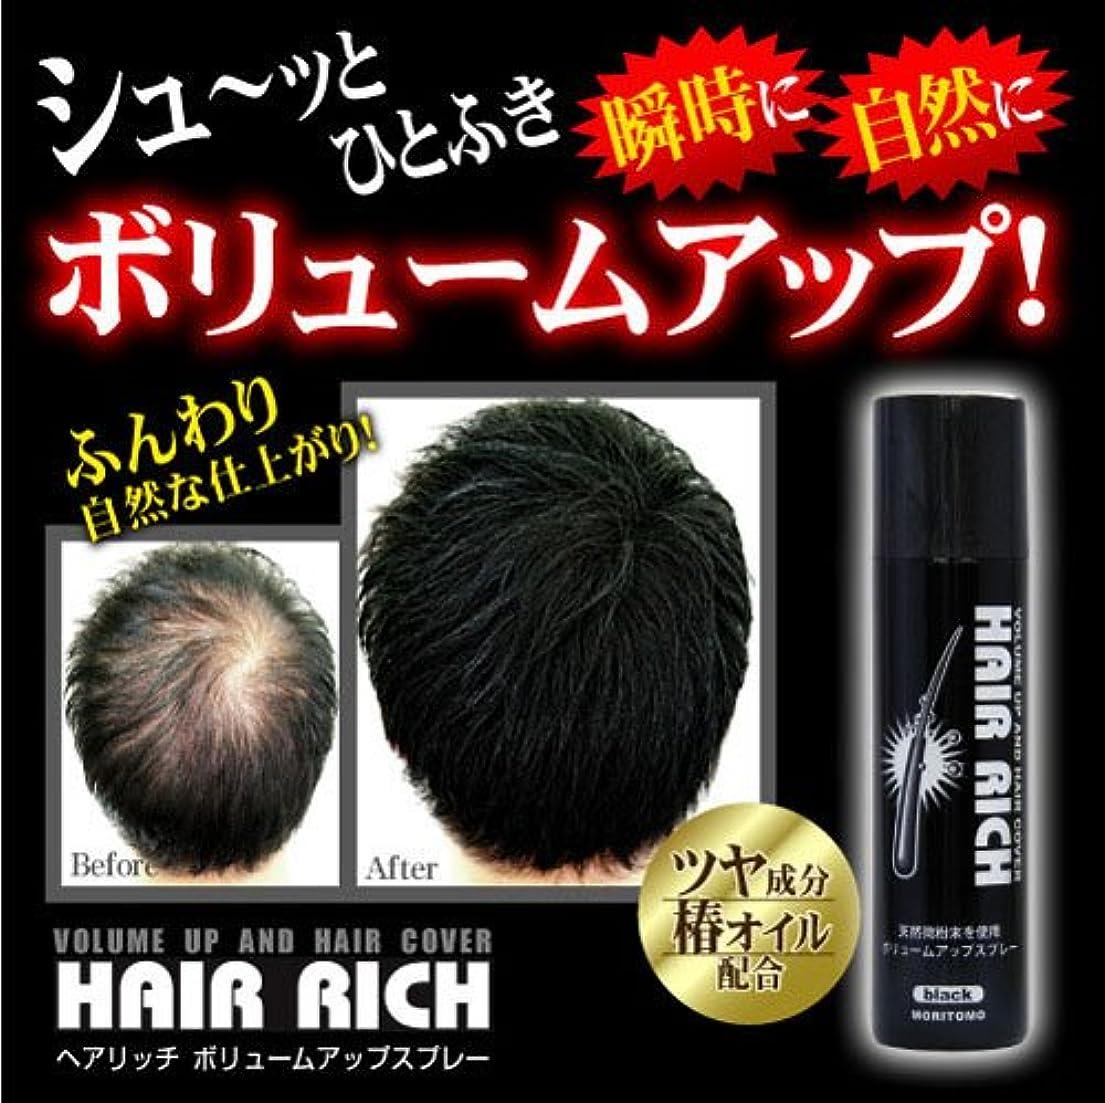 激怒本能格納ヘアリッチ ボリュームアップスプレー【HAIR RICH】 育毛剤 発毛剤 増毛剤 増毛 スプレー